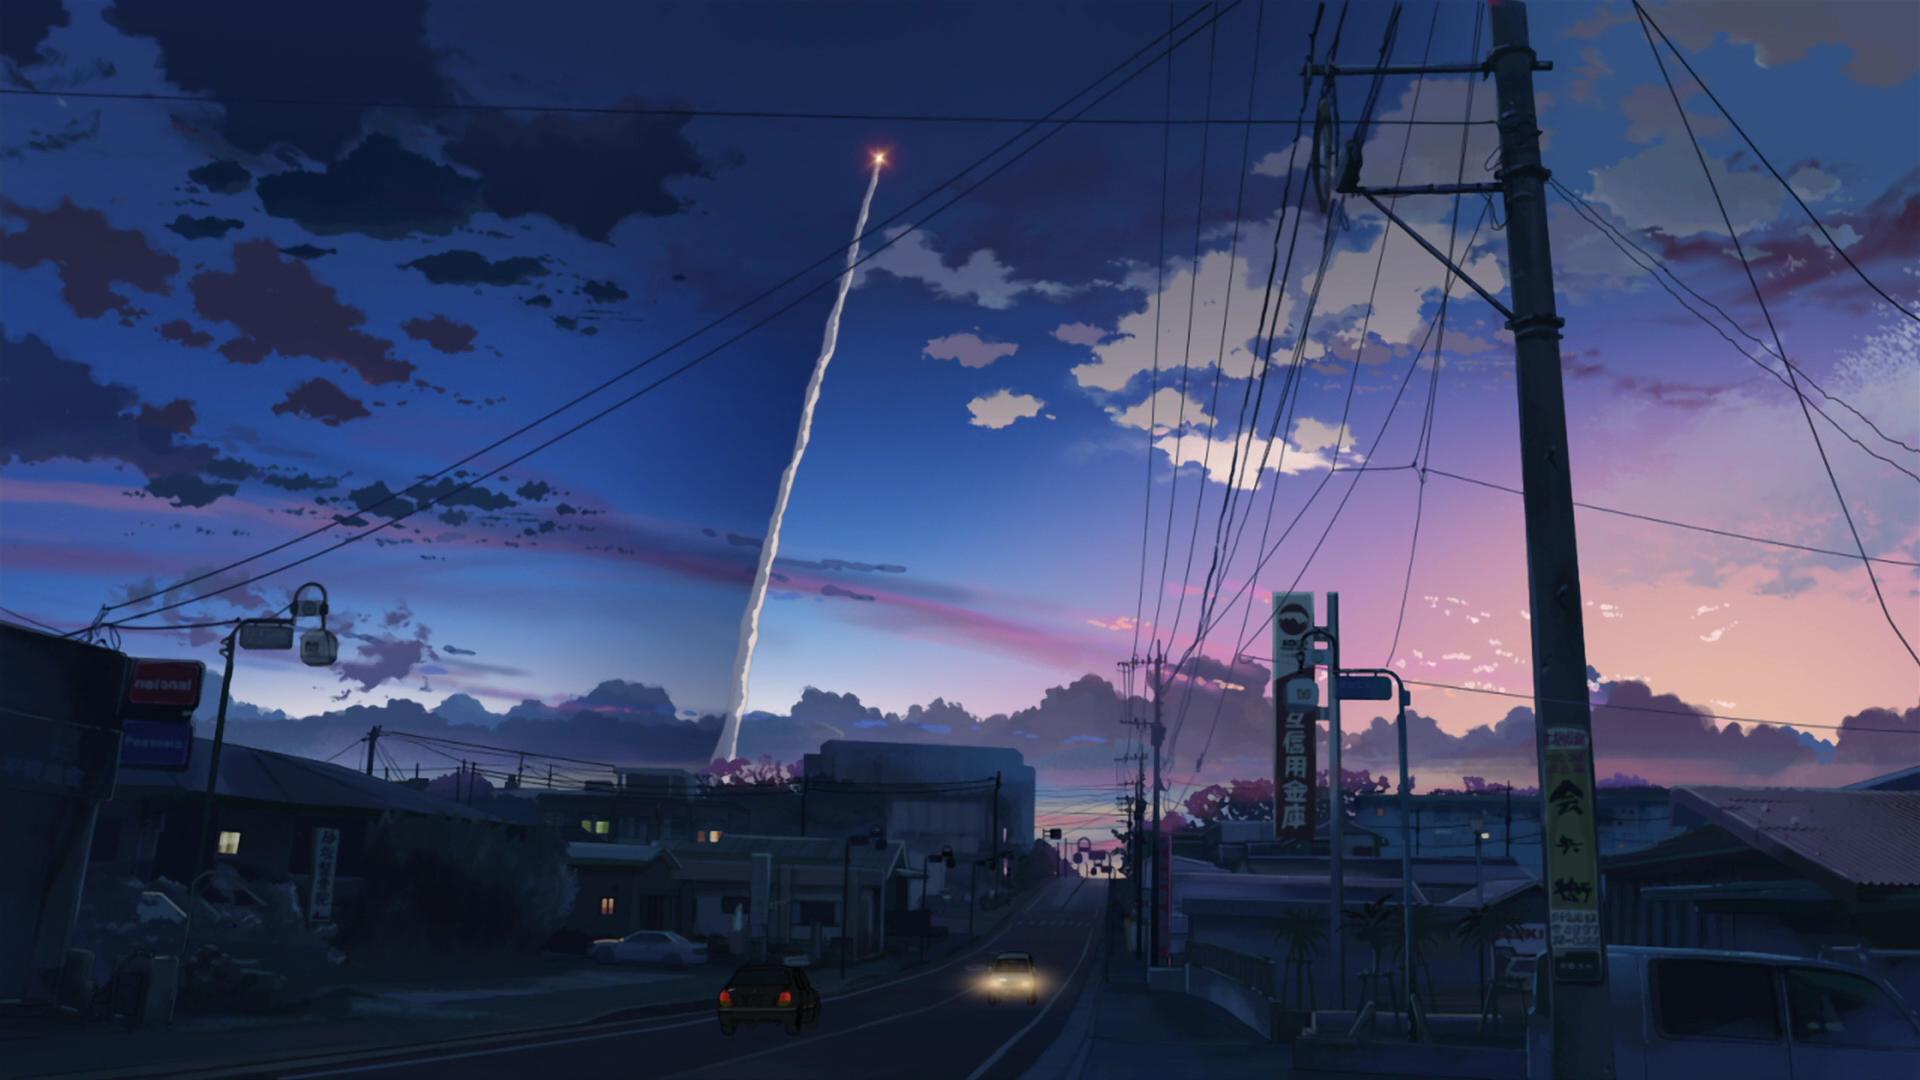 5 Centimeters Per Second Makoto Shinkai anime contrails